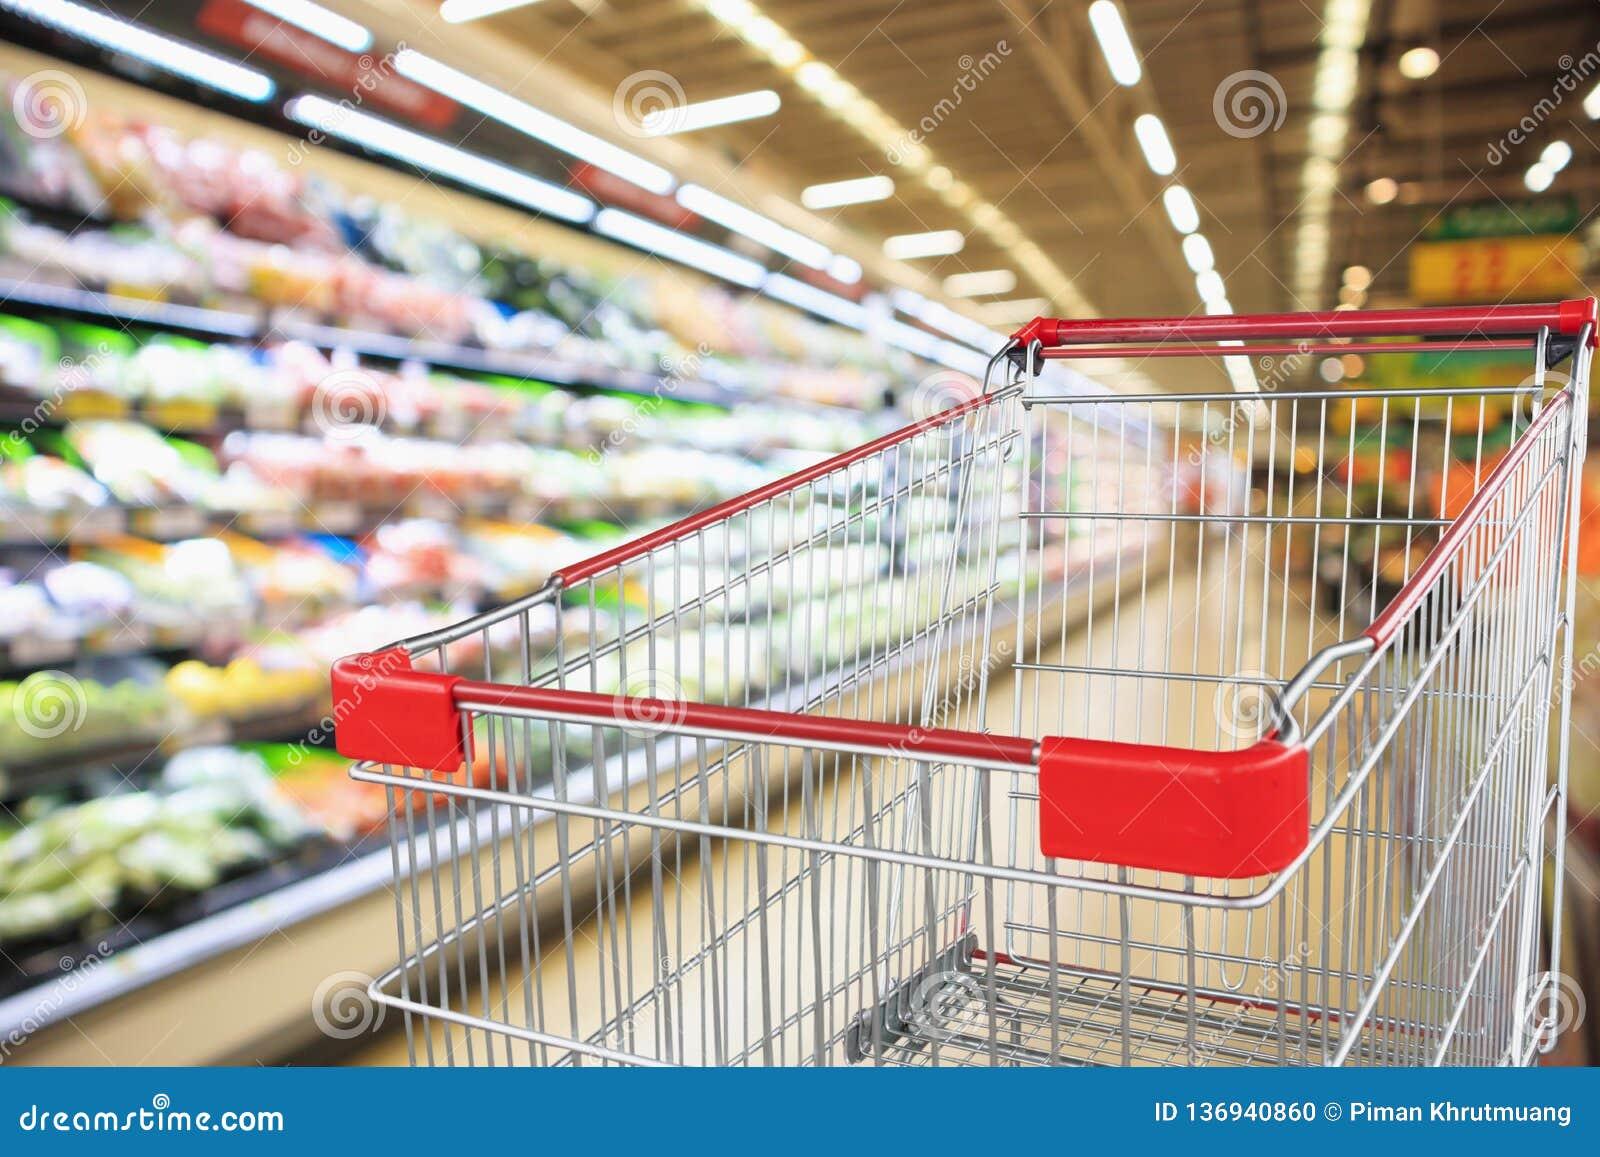 Supermarketlivsmedelsbutik med inre defocused bakgrund för frukt- och grönsakhyllor med den tomma shoppa vagnen